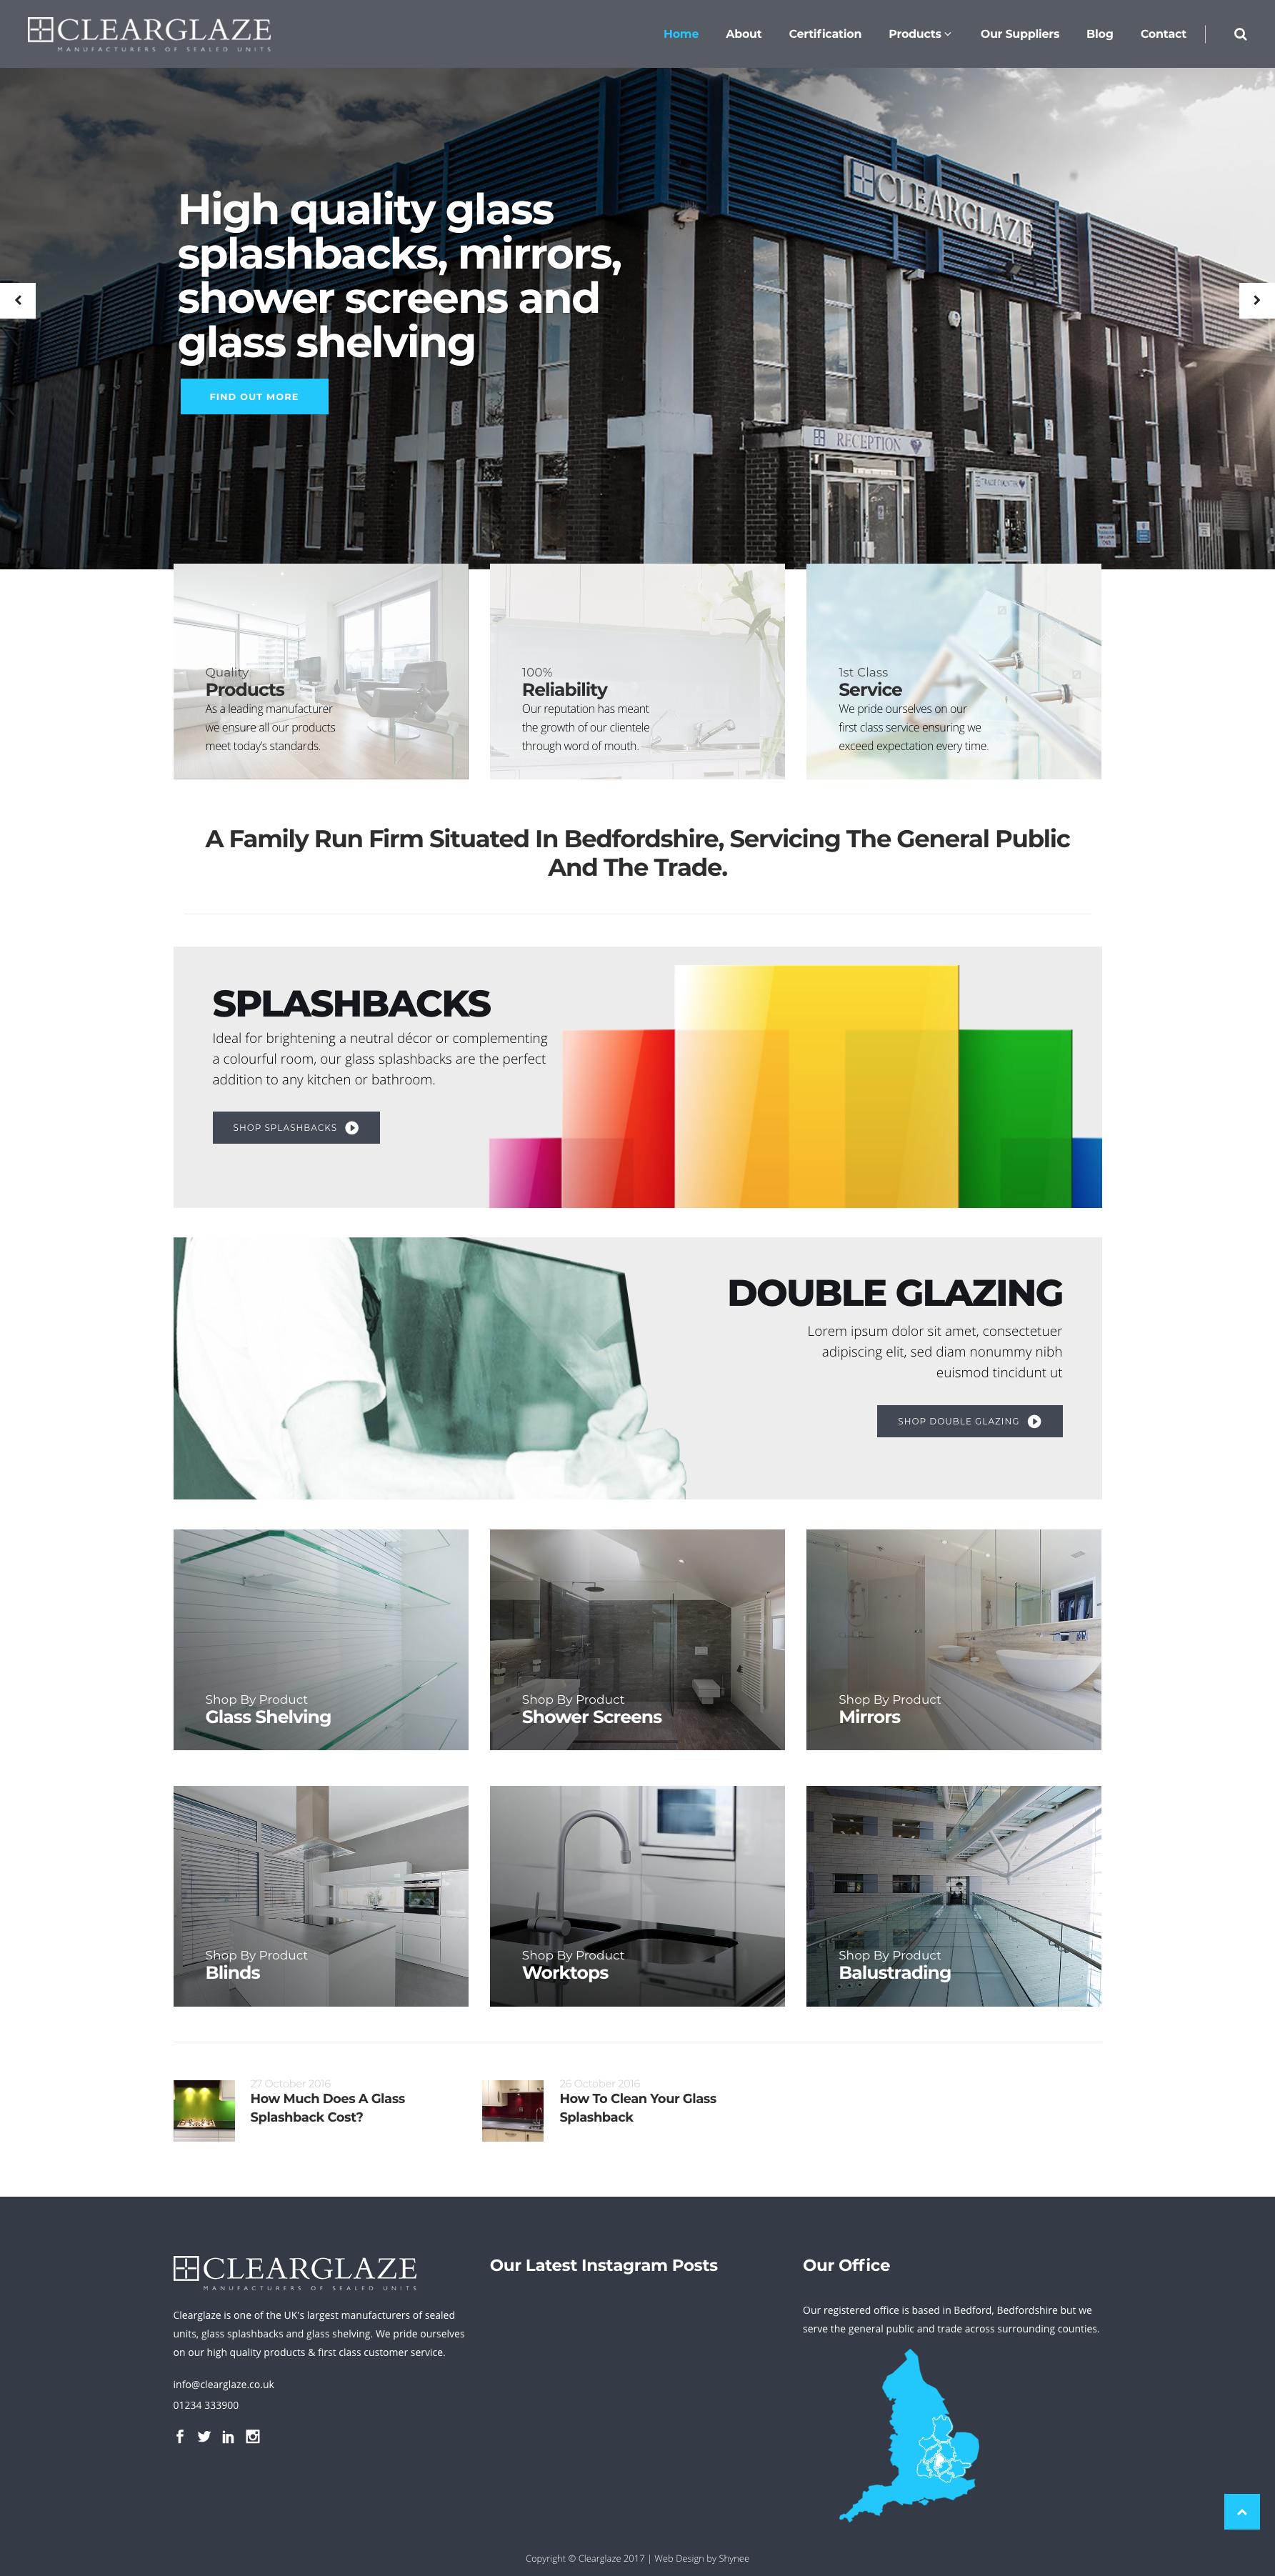 clearglaze webpage